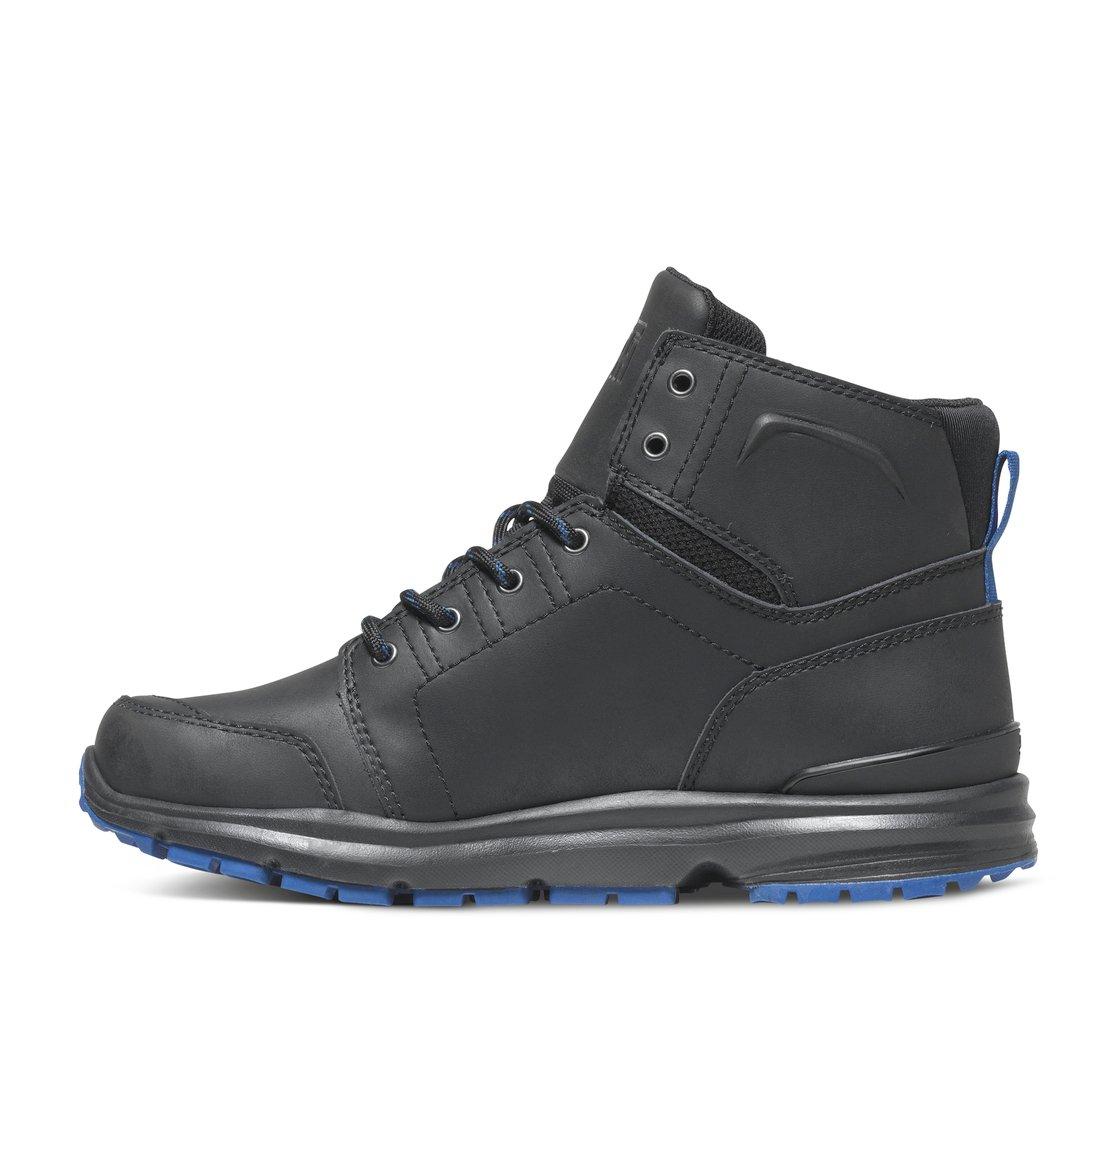 Mens Dc Shoes Size